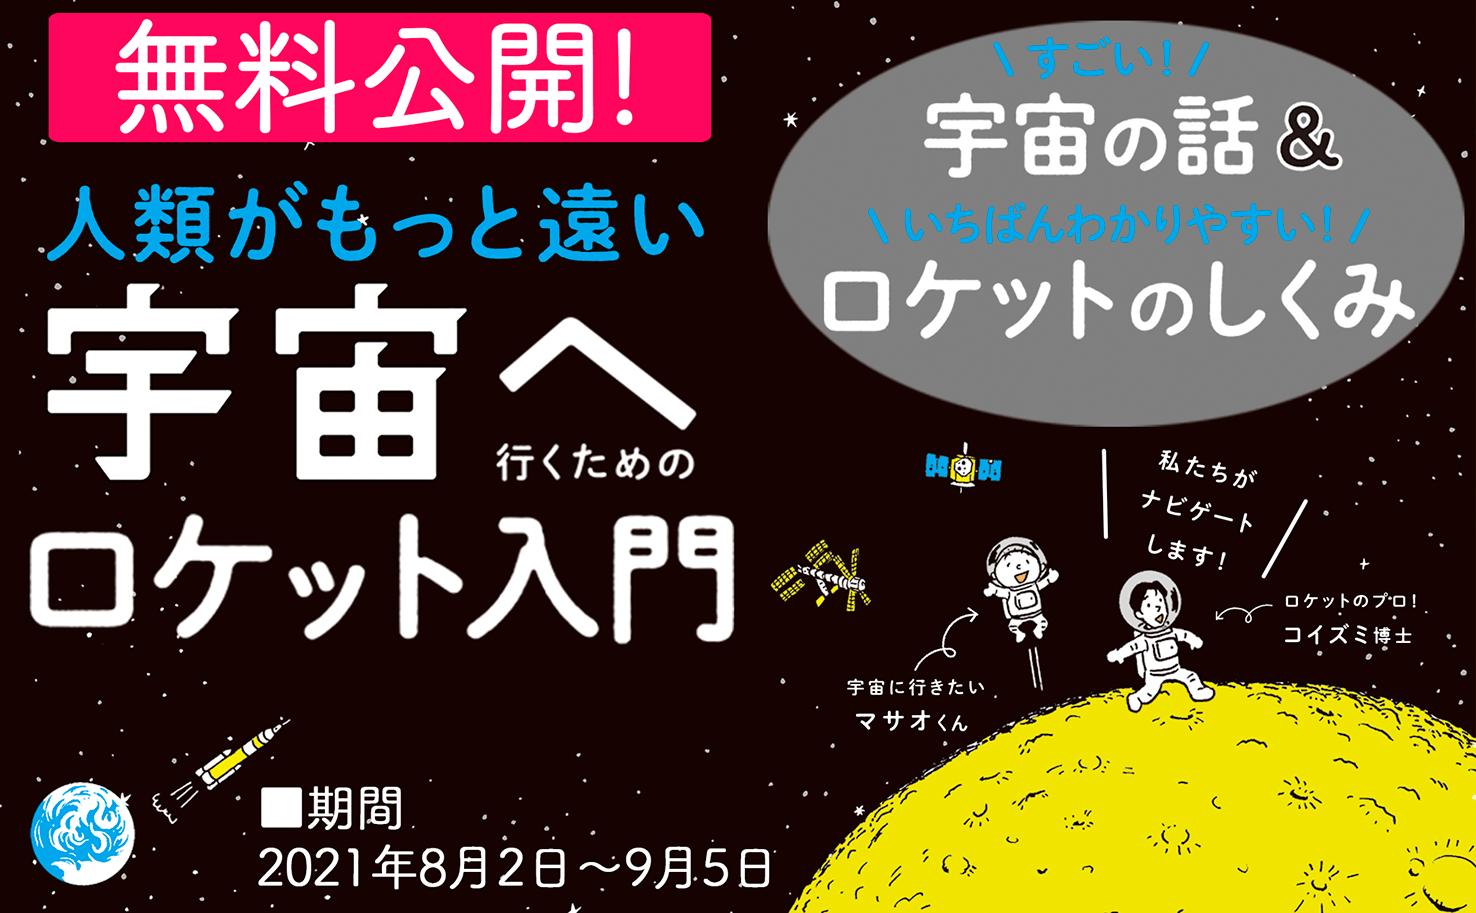 夏休み特別企画!『人類がもっと遠い宇宙へ行くためのロケット入門』の各章を週替りで無料公開